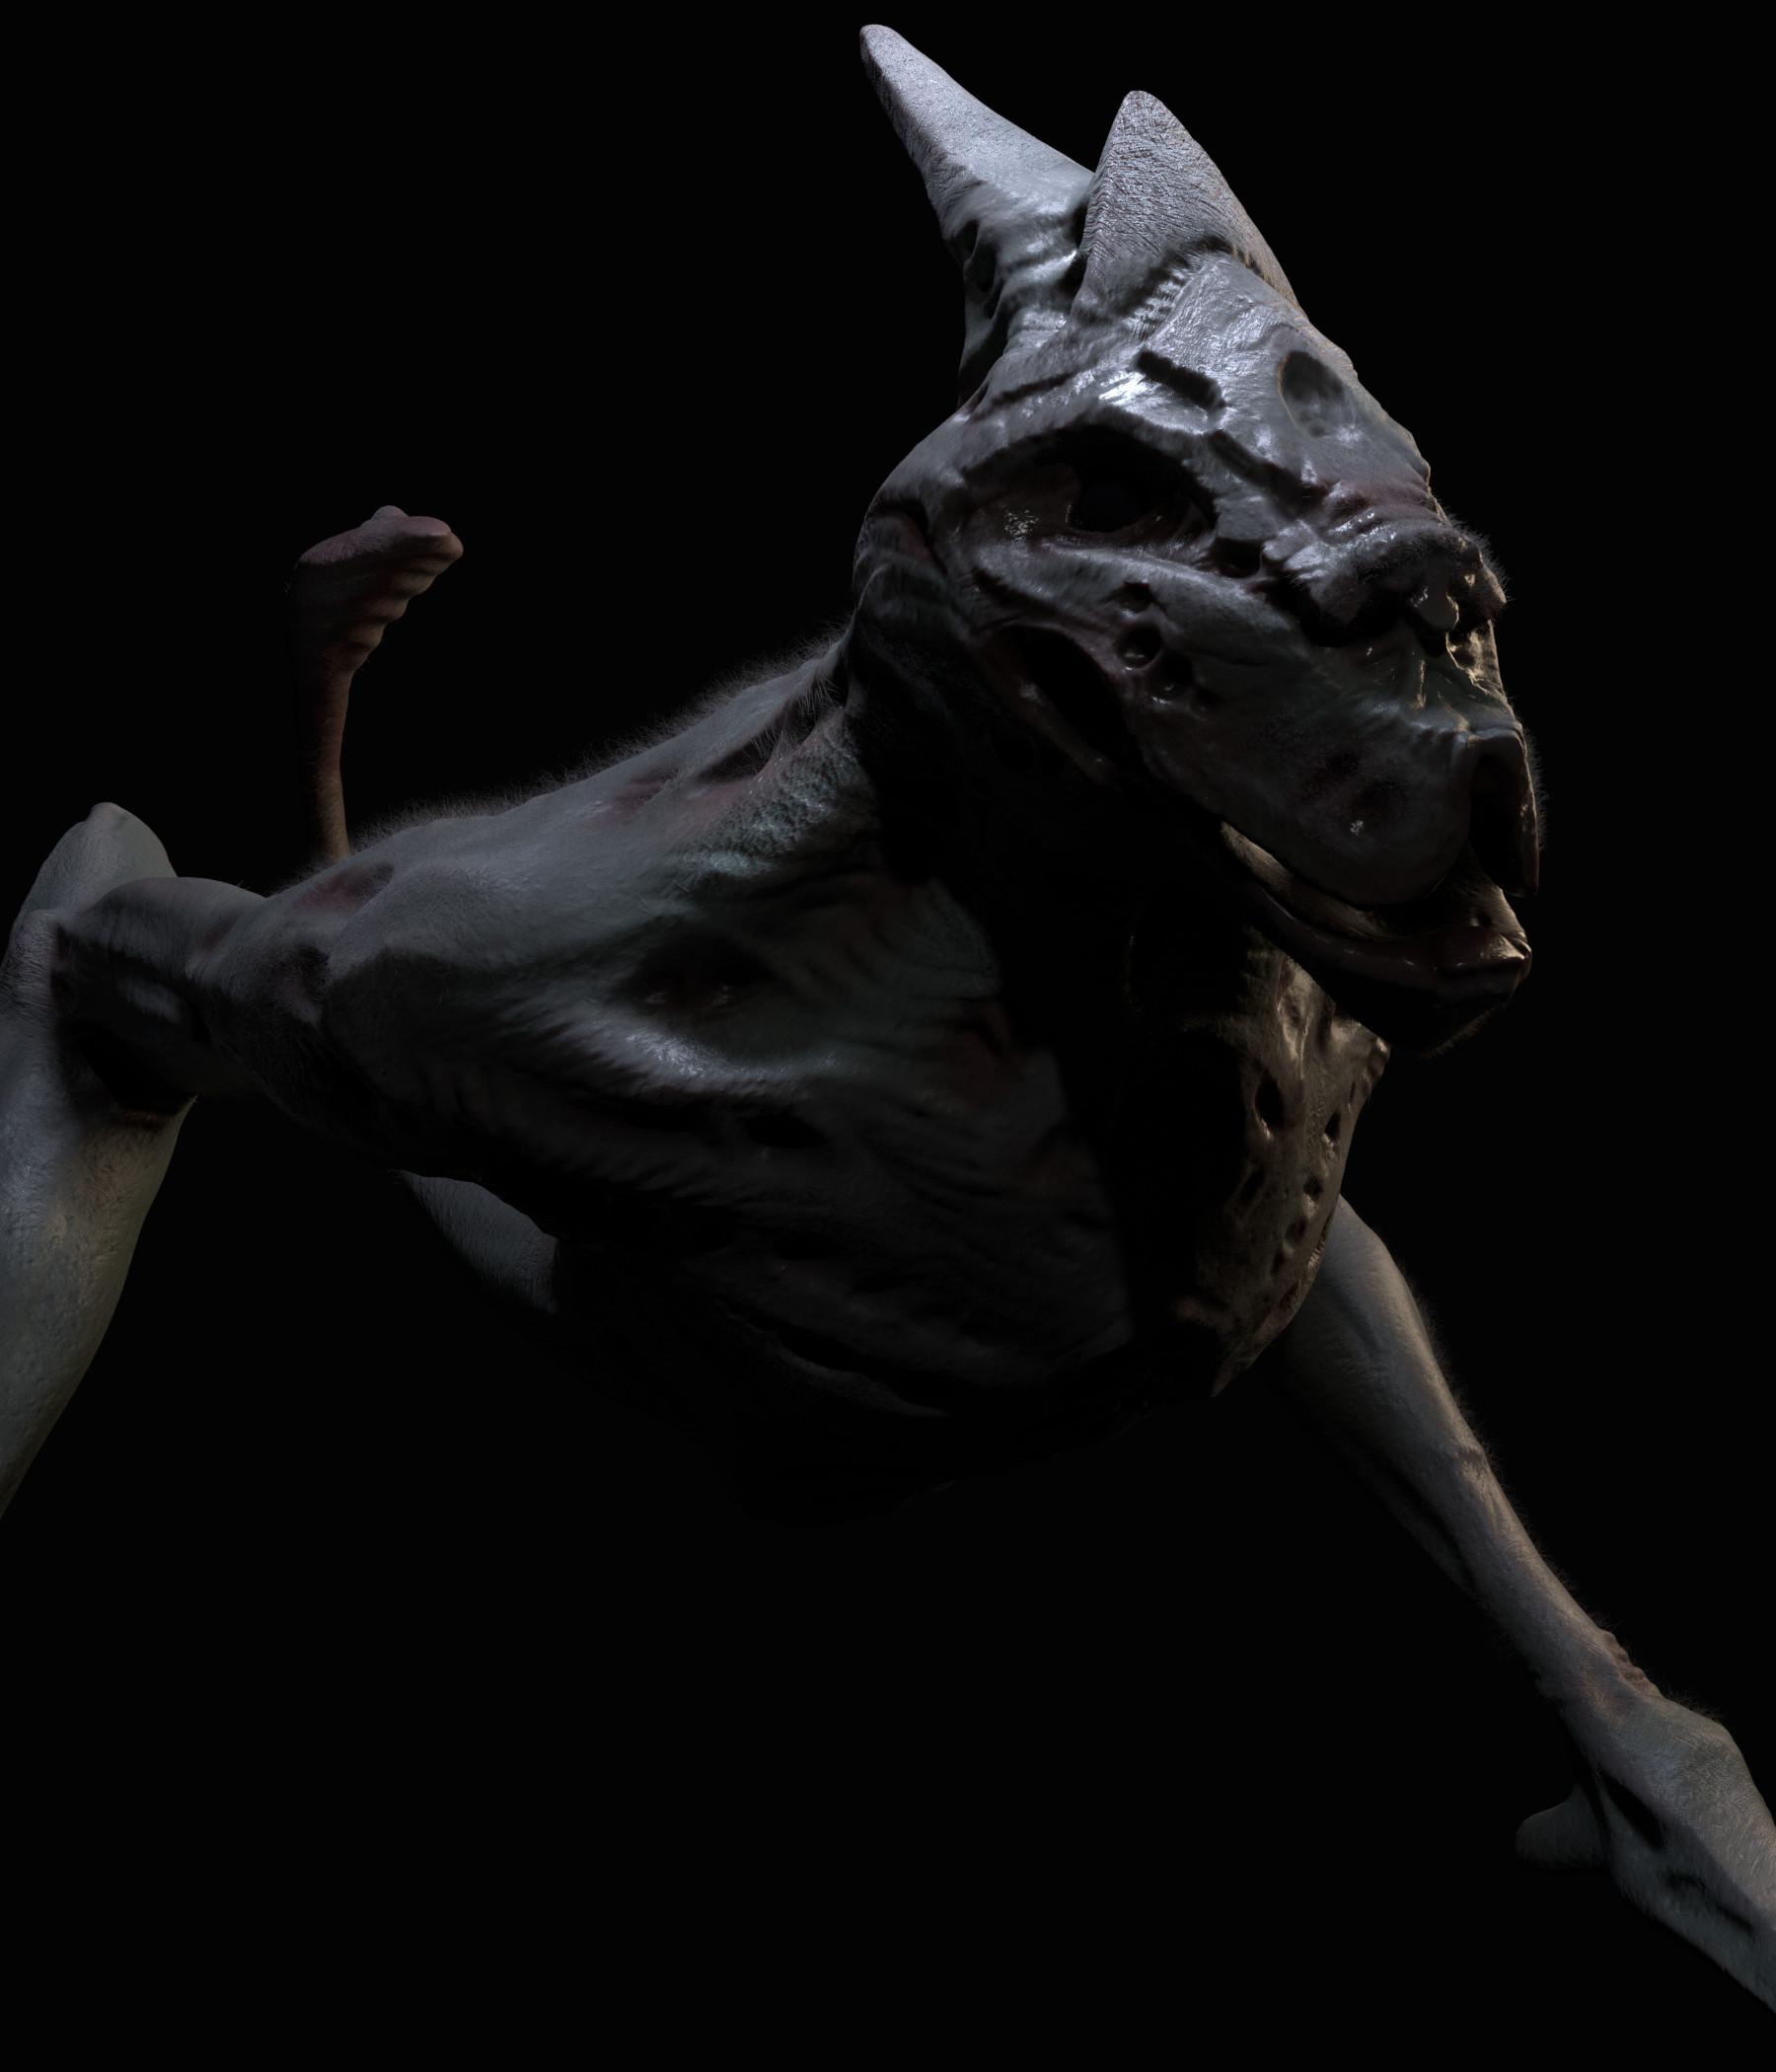 Zak katara creaturerender2